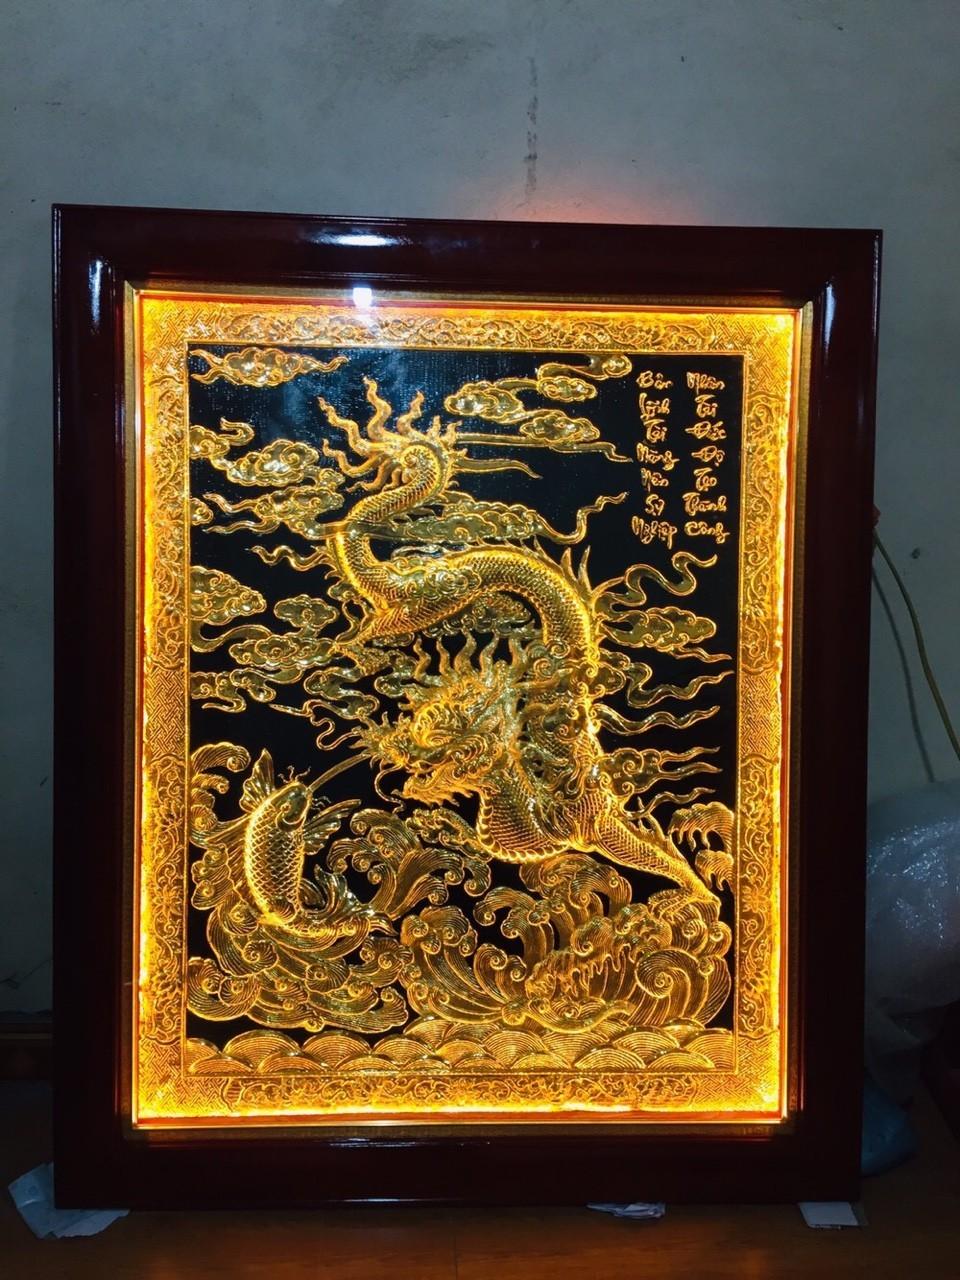 Tranh rồng phong thủy đèn led, giá bán tranh đồng làm quà tặng